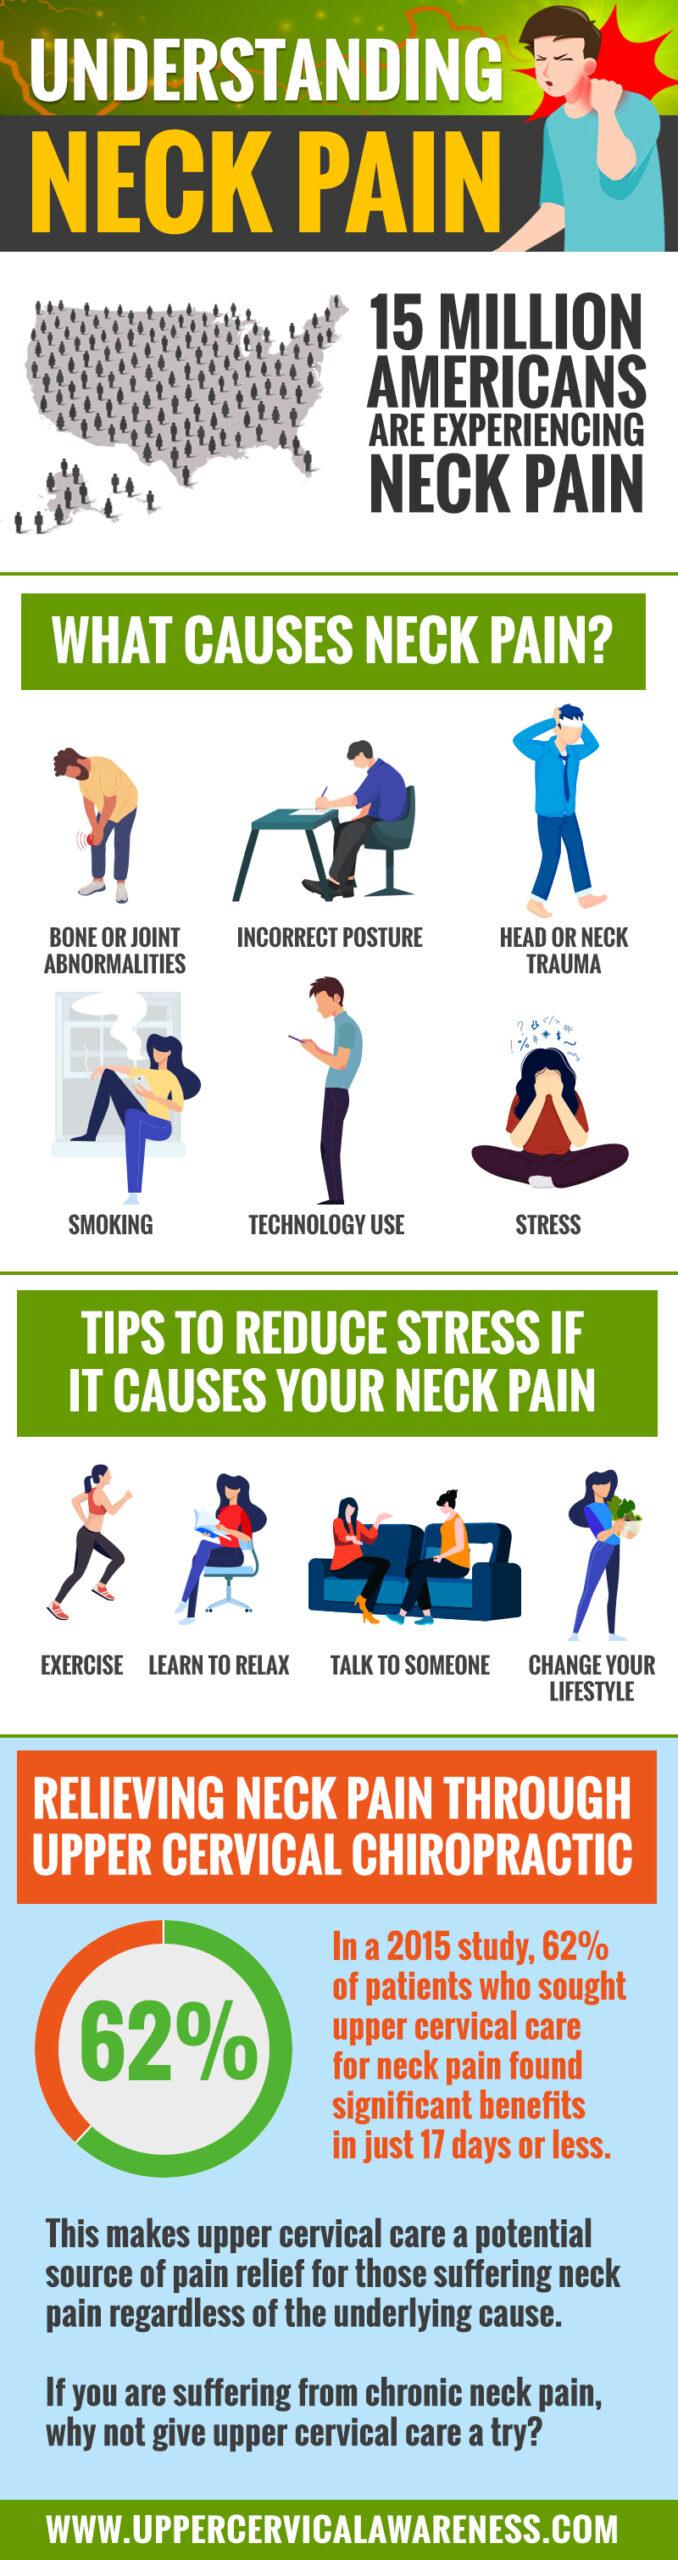 Understanding Neck Pain